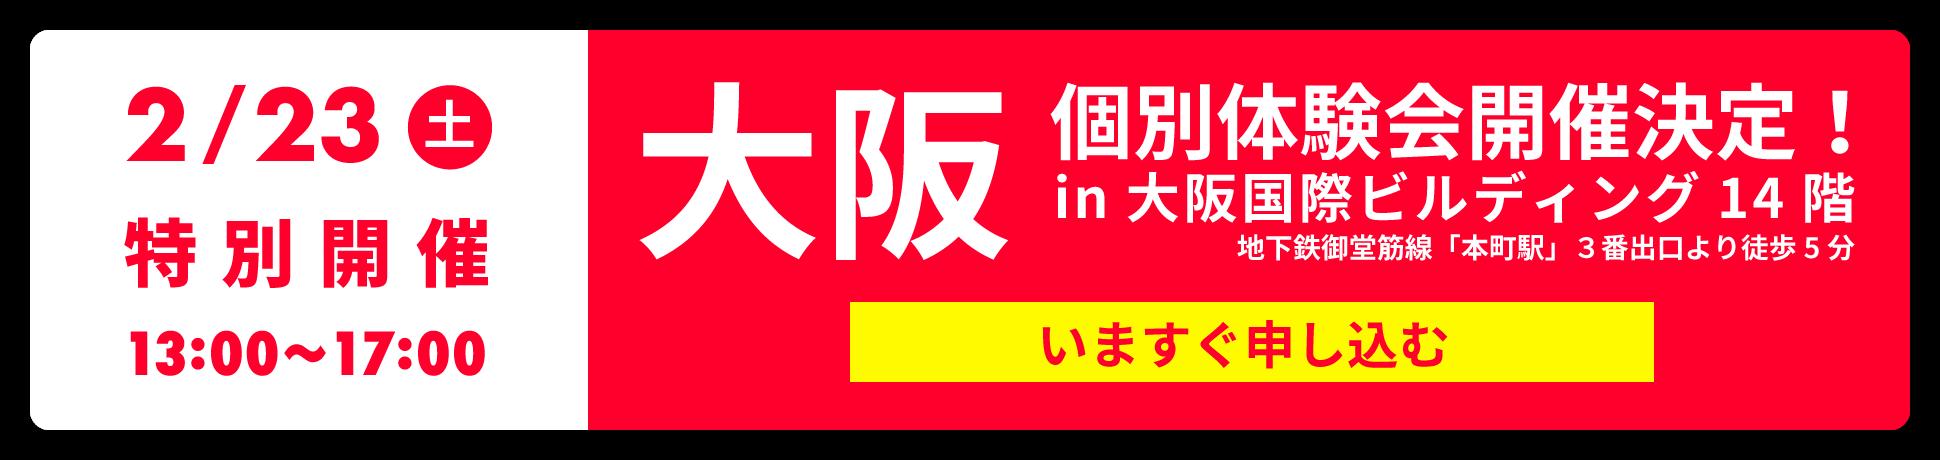 『カルテZERO』個別体験会 in大阪 開催!